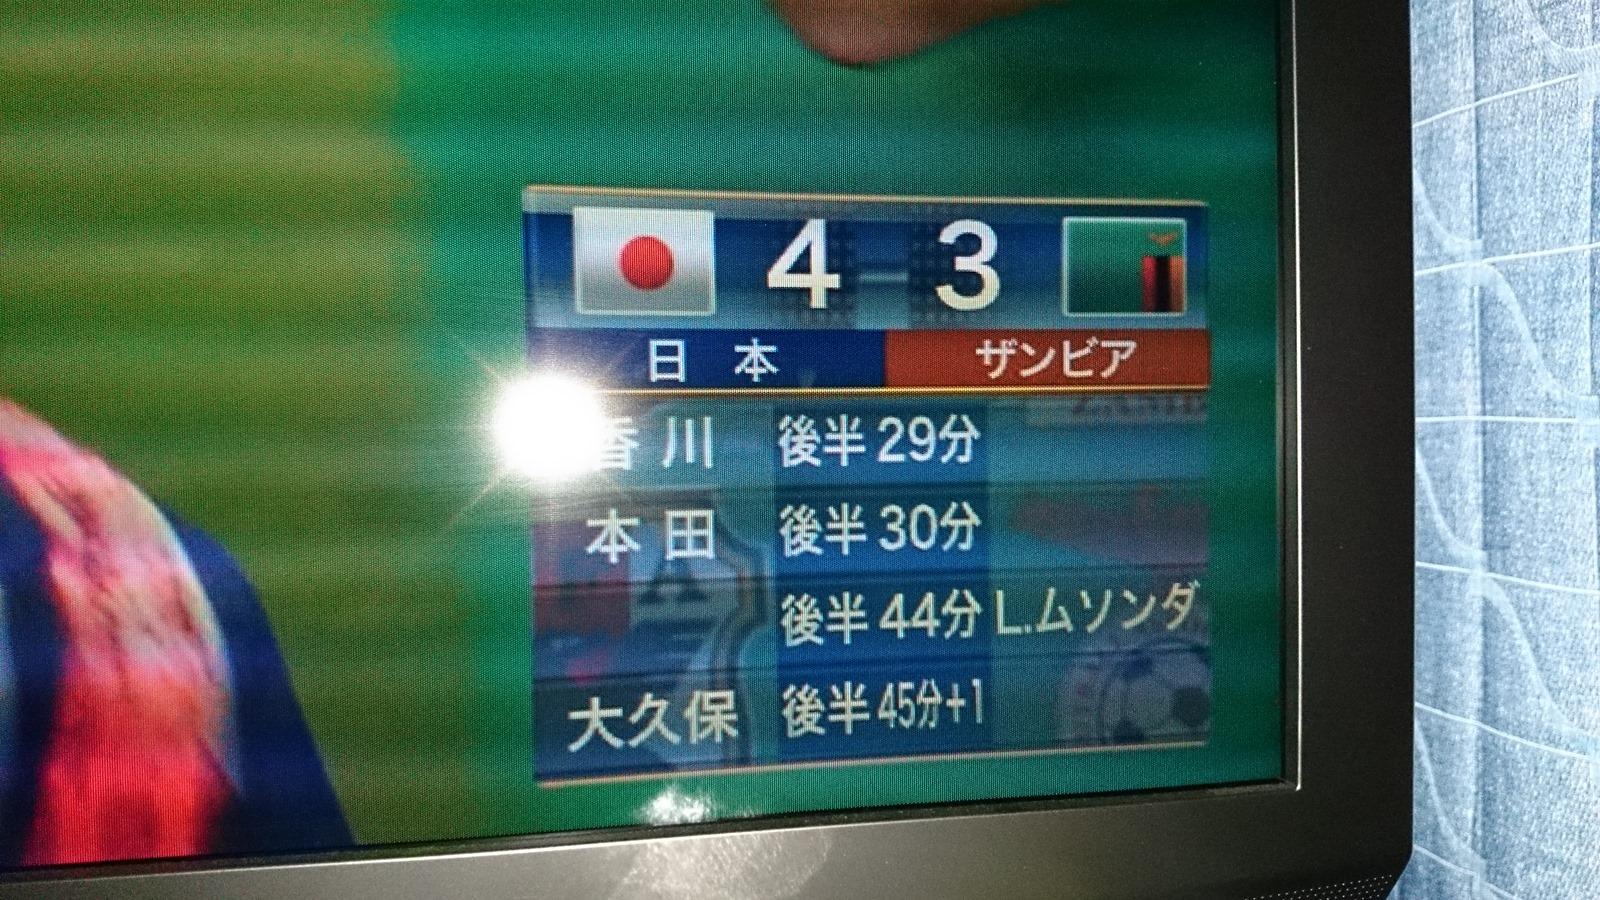 ワールドカップ直前試合を競り勝つ!